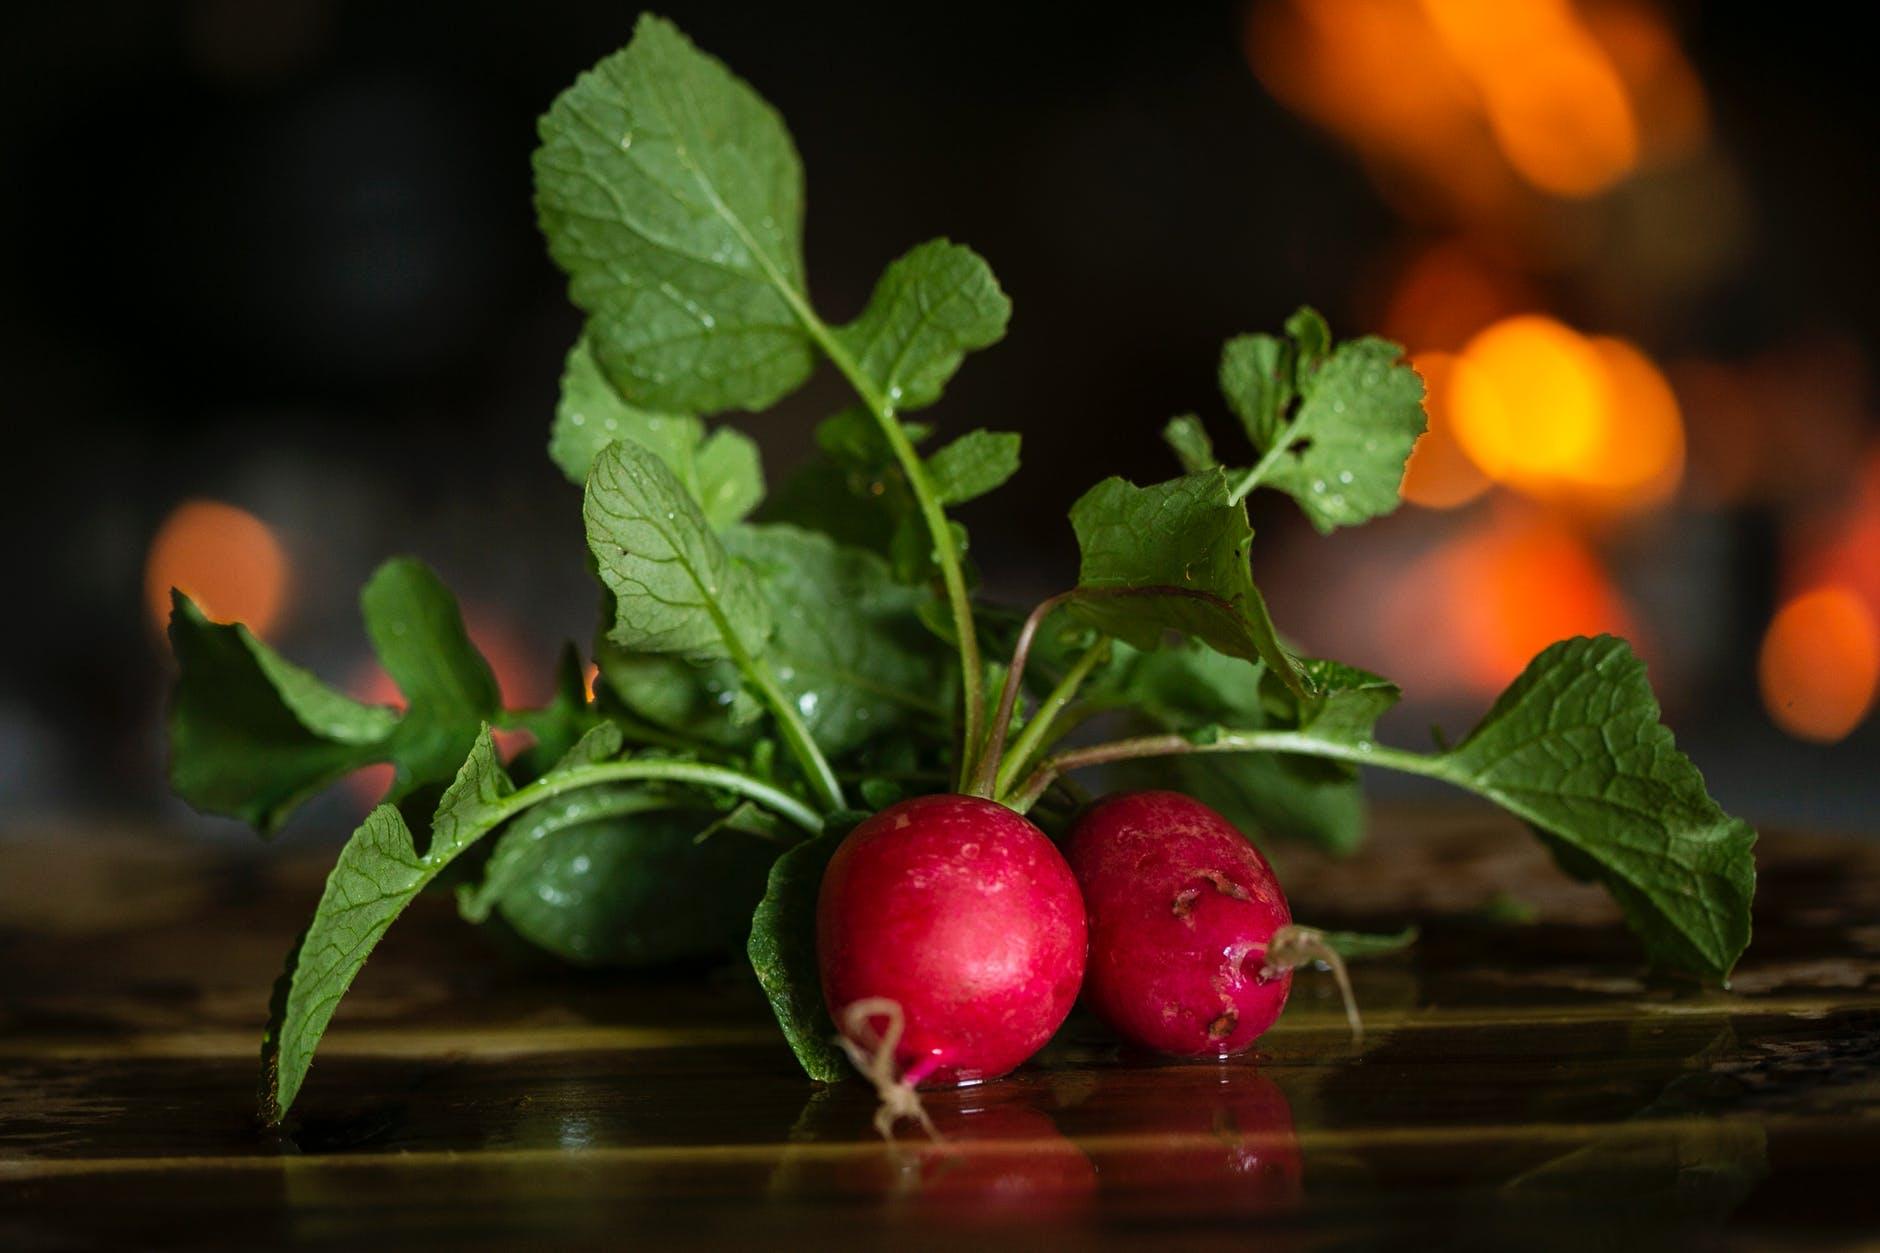 close up photo of radishes